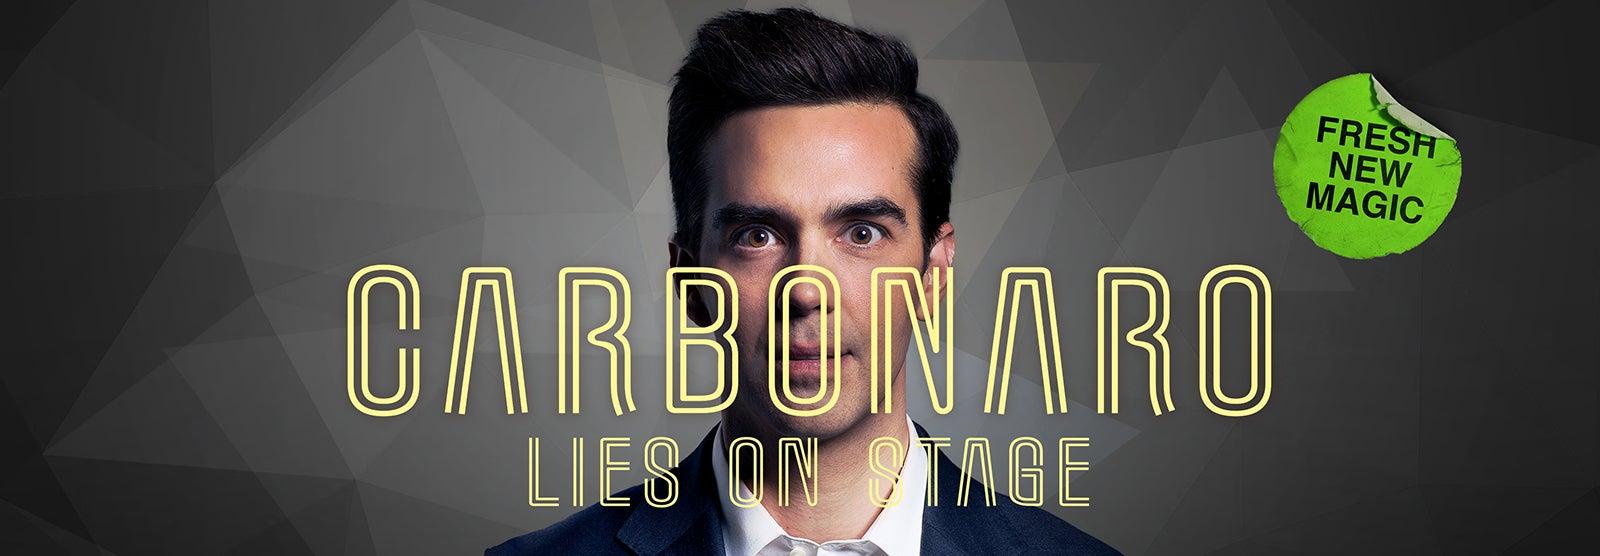 Michael Carbonaro: